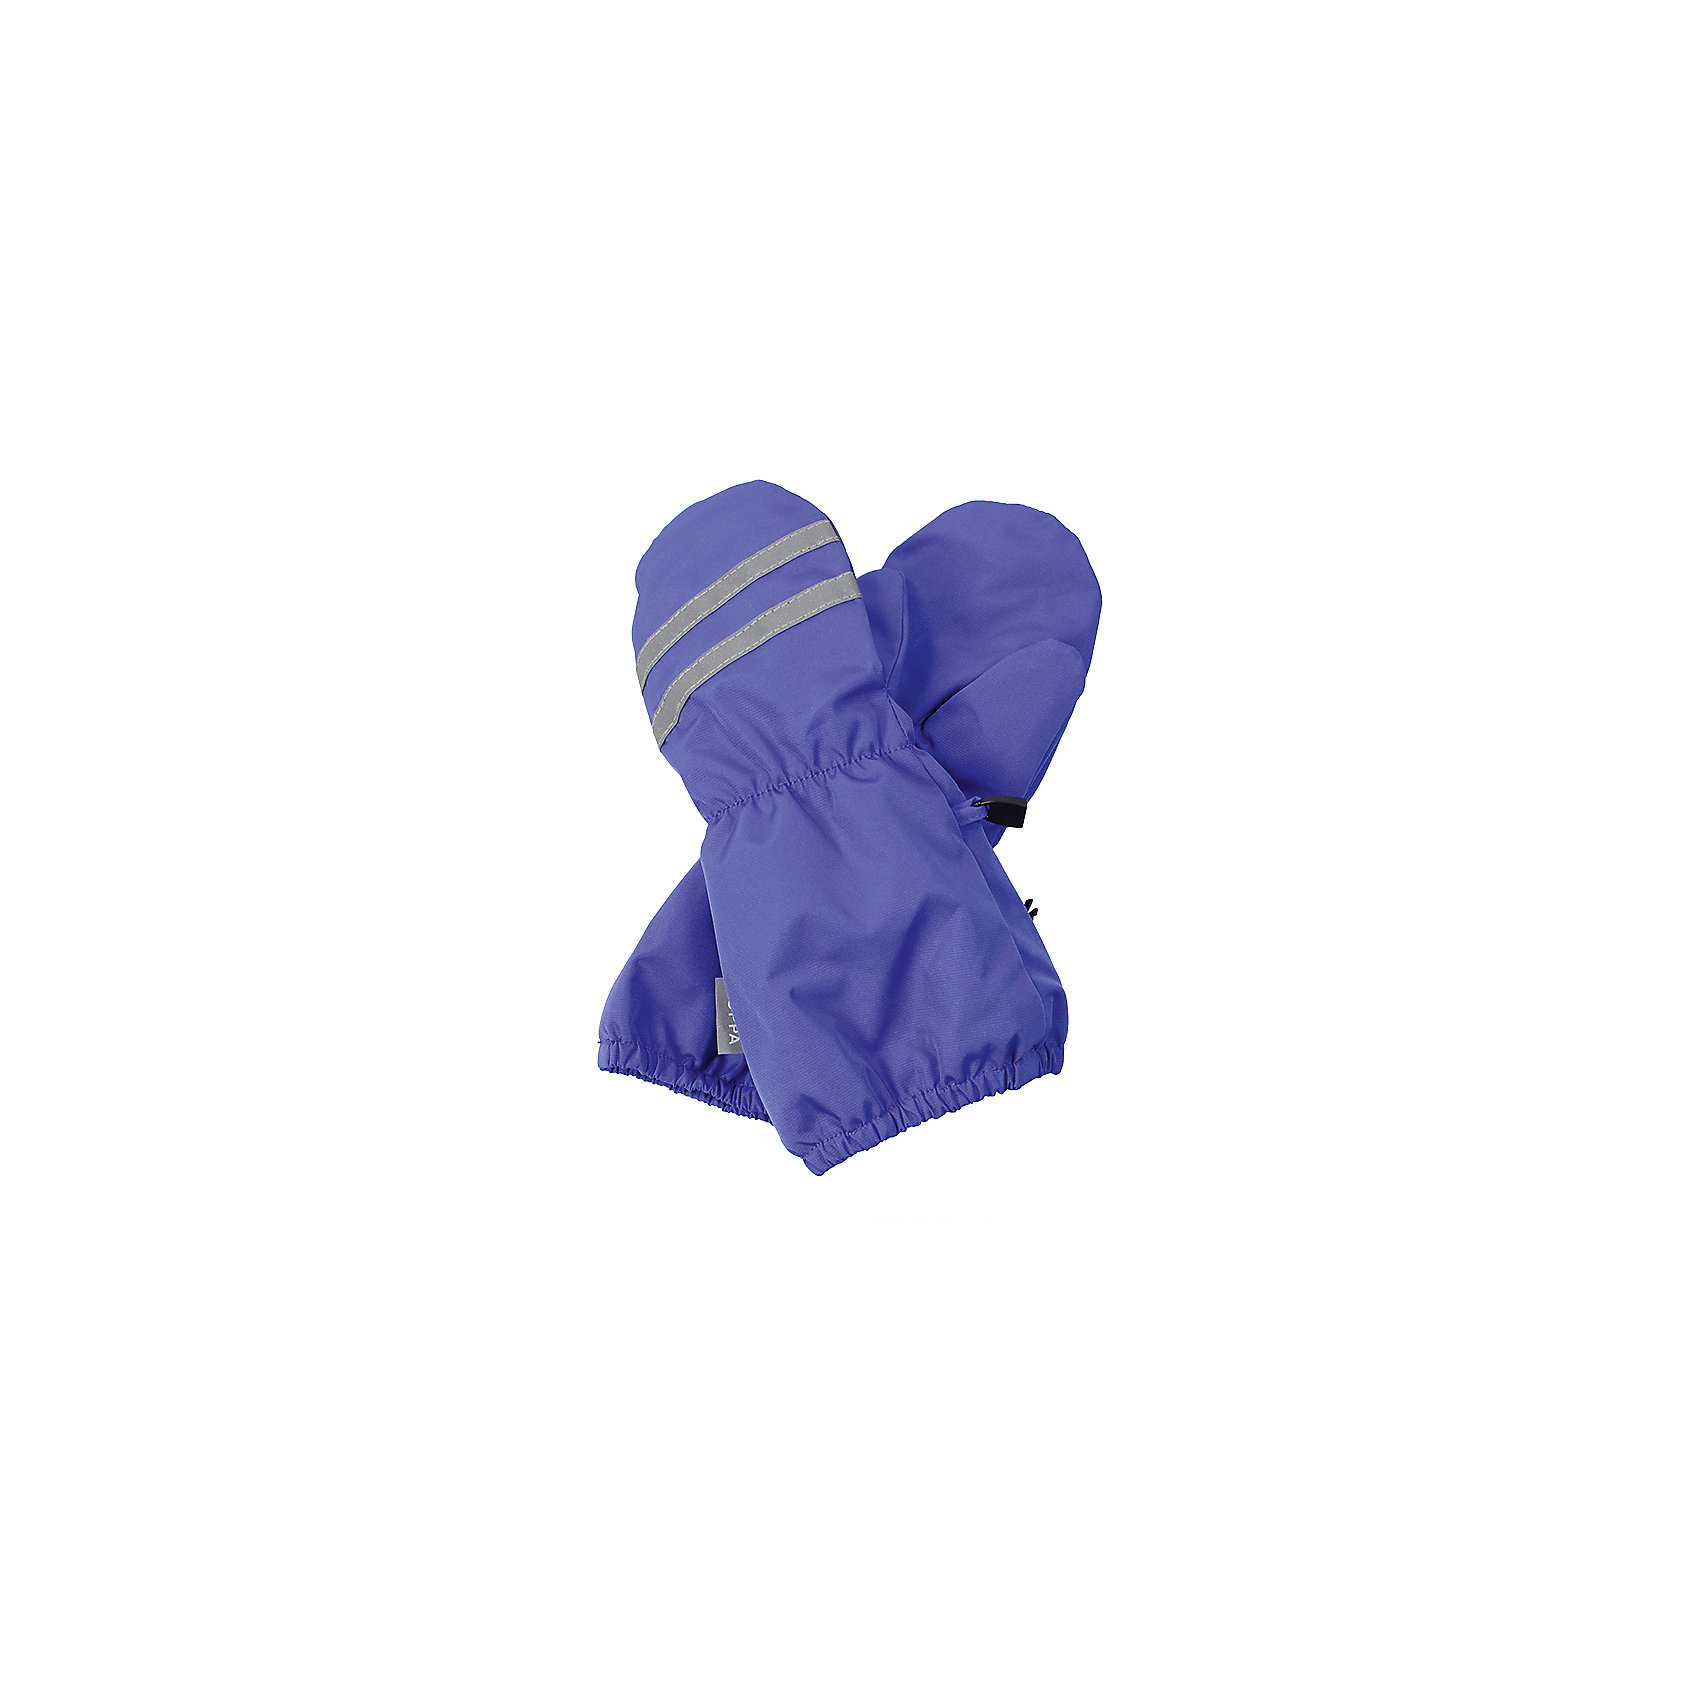 Рукавицы для мальчика HuppaПерчатки, варежки<br>Влагоустойчивая и дышащая ткань 10 000/ 10 000<br>Мембрана препятствует прохождению воды и ветра сквозь ткань внутрь изделия, позволяя испаряться выделяемой телом, образовывающейся внутри влаге.<br><br>Прочная ткань<br>Сплетения волокон в тканях выполнены по специальной технологии, которая придаёт ткани прочность и предохранят от истирания.<br><br>Светоотражательные детали<br>При плохих погодных условиях или в темноте, когда свет падает на одежду, он отражается, делая ребёнка более заметным, уменьшая возможность несчастных случаев.<br><br>Дополнительная информация:<br><br>Температурный режим - от 0С до +10С<br>Материал - 100% полиэстер<br><br>Рукавицы для мальчика Huppa можно купить в нашем магазине.<br><br>Ширина мм: 162<br>Глубина мм: 171<br>Высота мм: 55<br>Вес г: 119<br>Цвет: серый<br>Возраст от месяцев: 3<br>Возраст до месяцев: 12<br>Пол: Мужской<br>Возраст: Детский<br>Размер: 1,3,5,4,2<br>SKU: 4595670